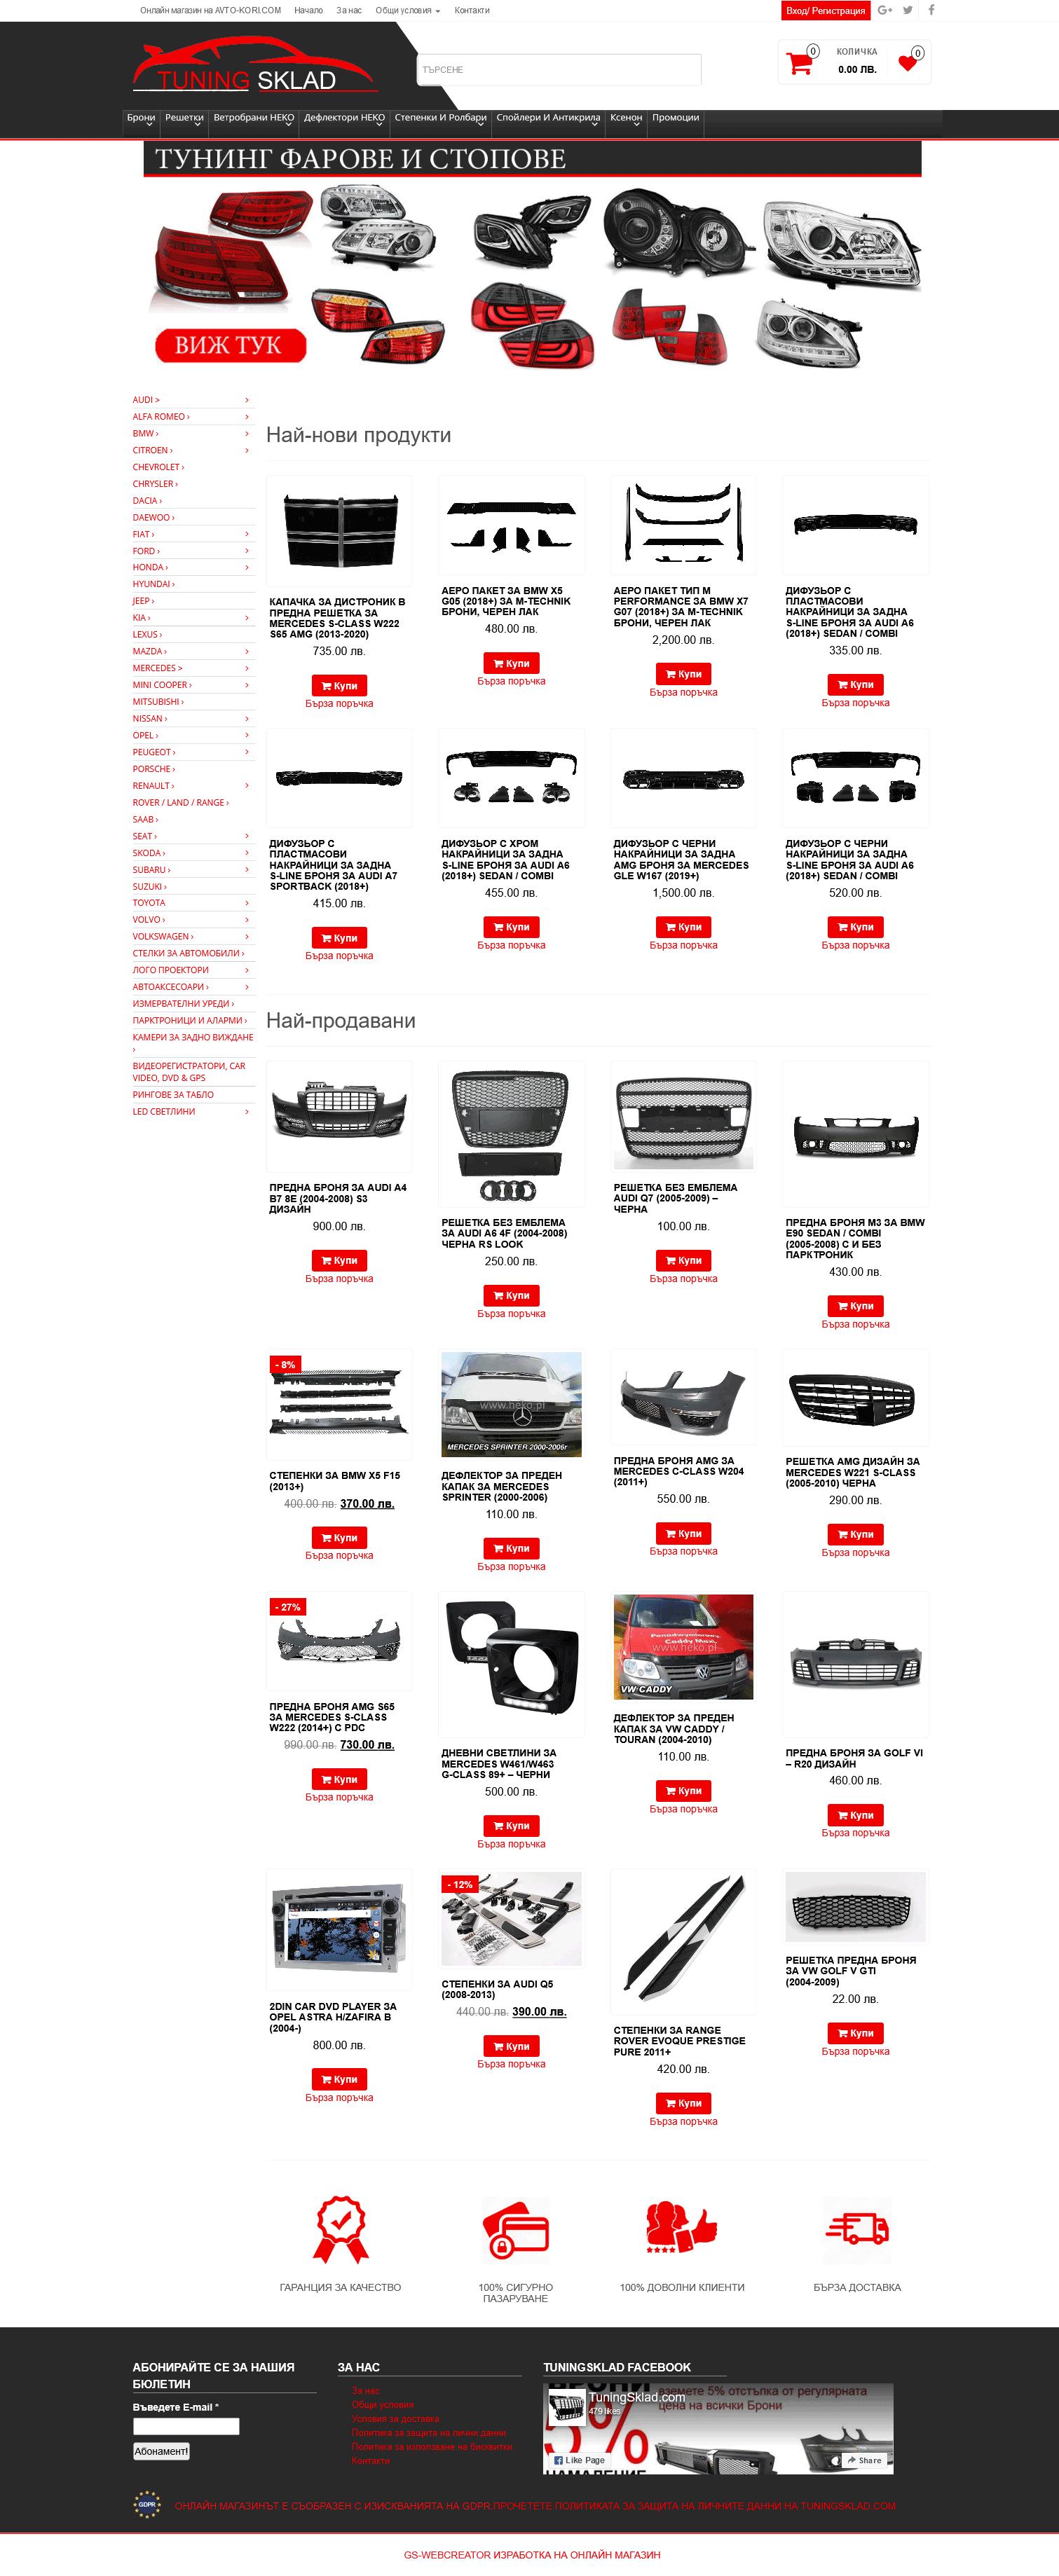 Изработка на онлайн магазин за тунинг авточасти и аксесоари за автомобили от GS-WebCreator